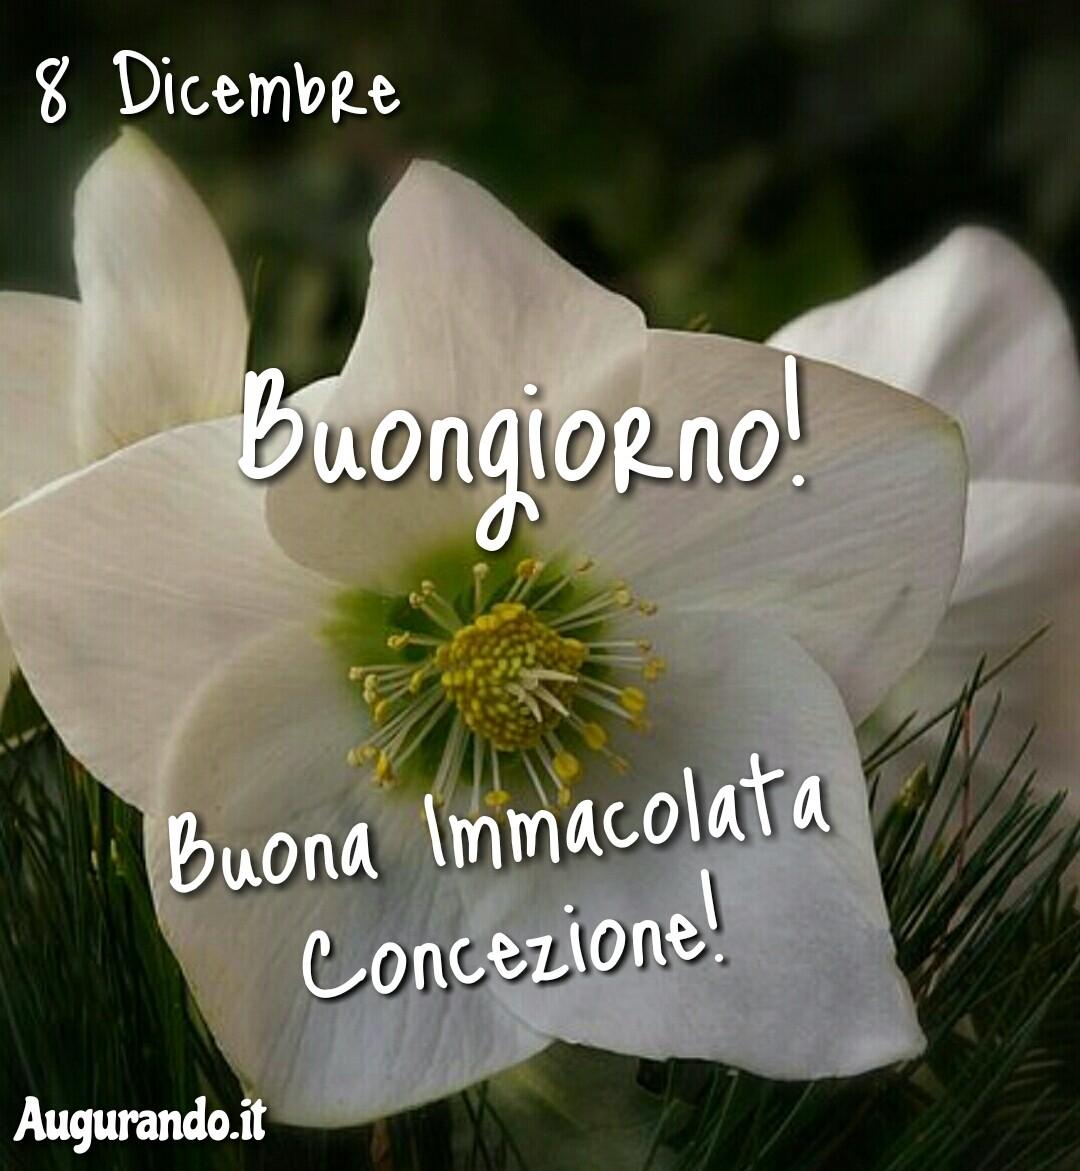 Buona Immacolata Concezione, 8 dicembre, Immacolata, felice Immacolata, serena Immacolata, immagini buona Immacolata, buona Immacolata a tutti, buona Immacolata a te